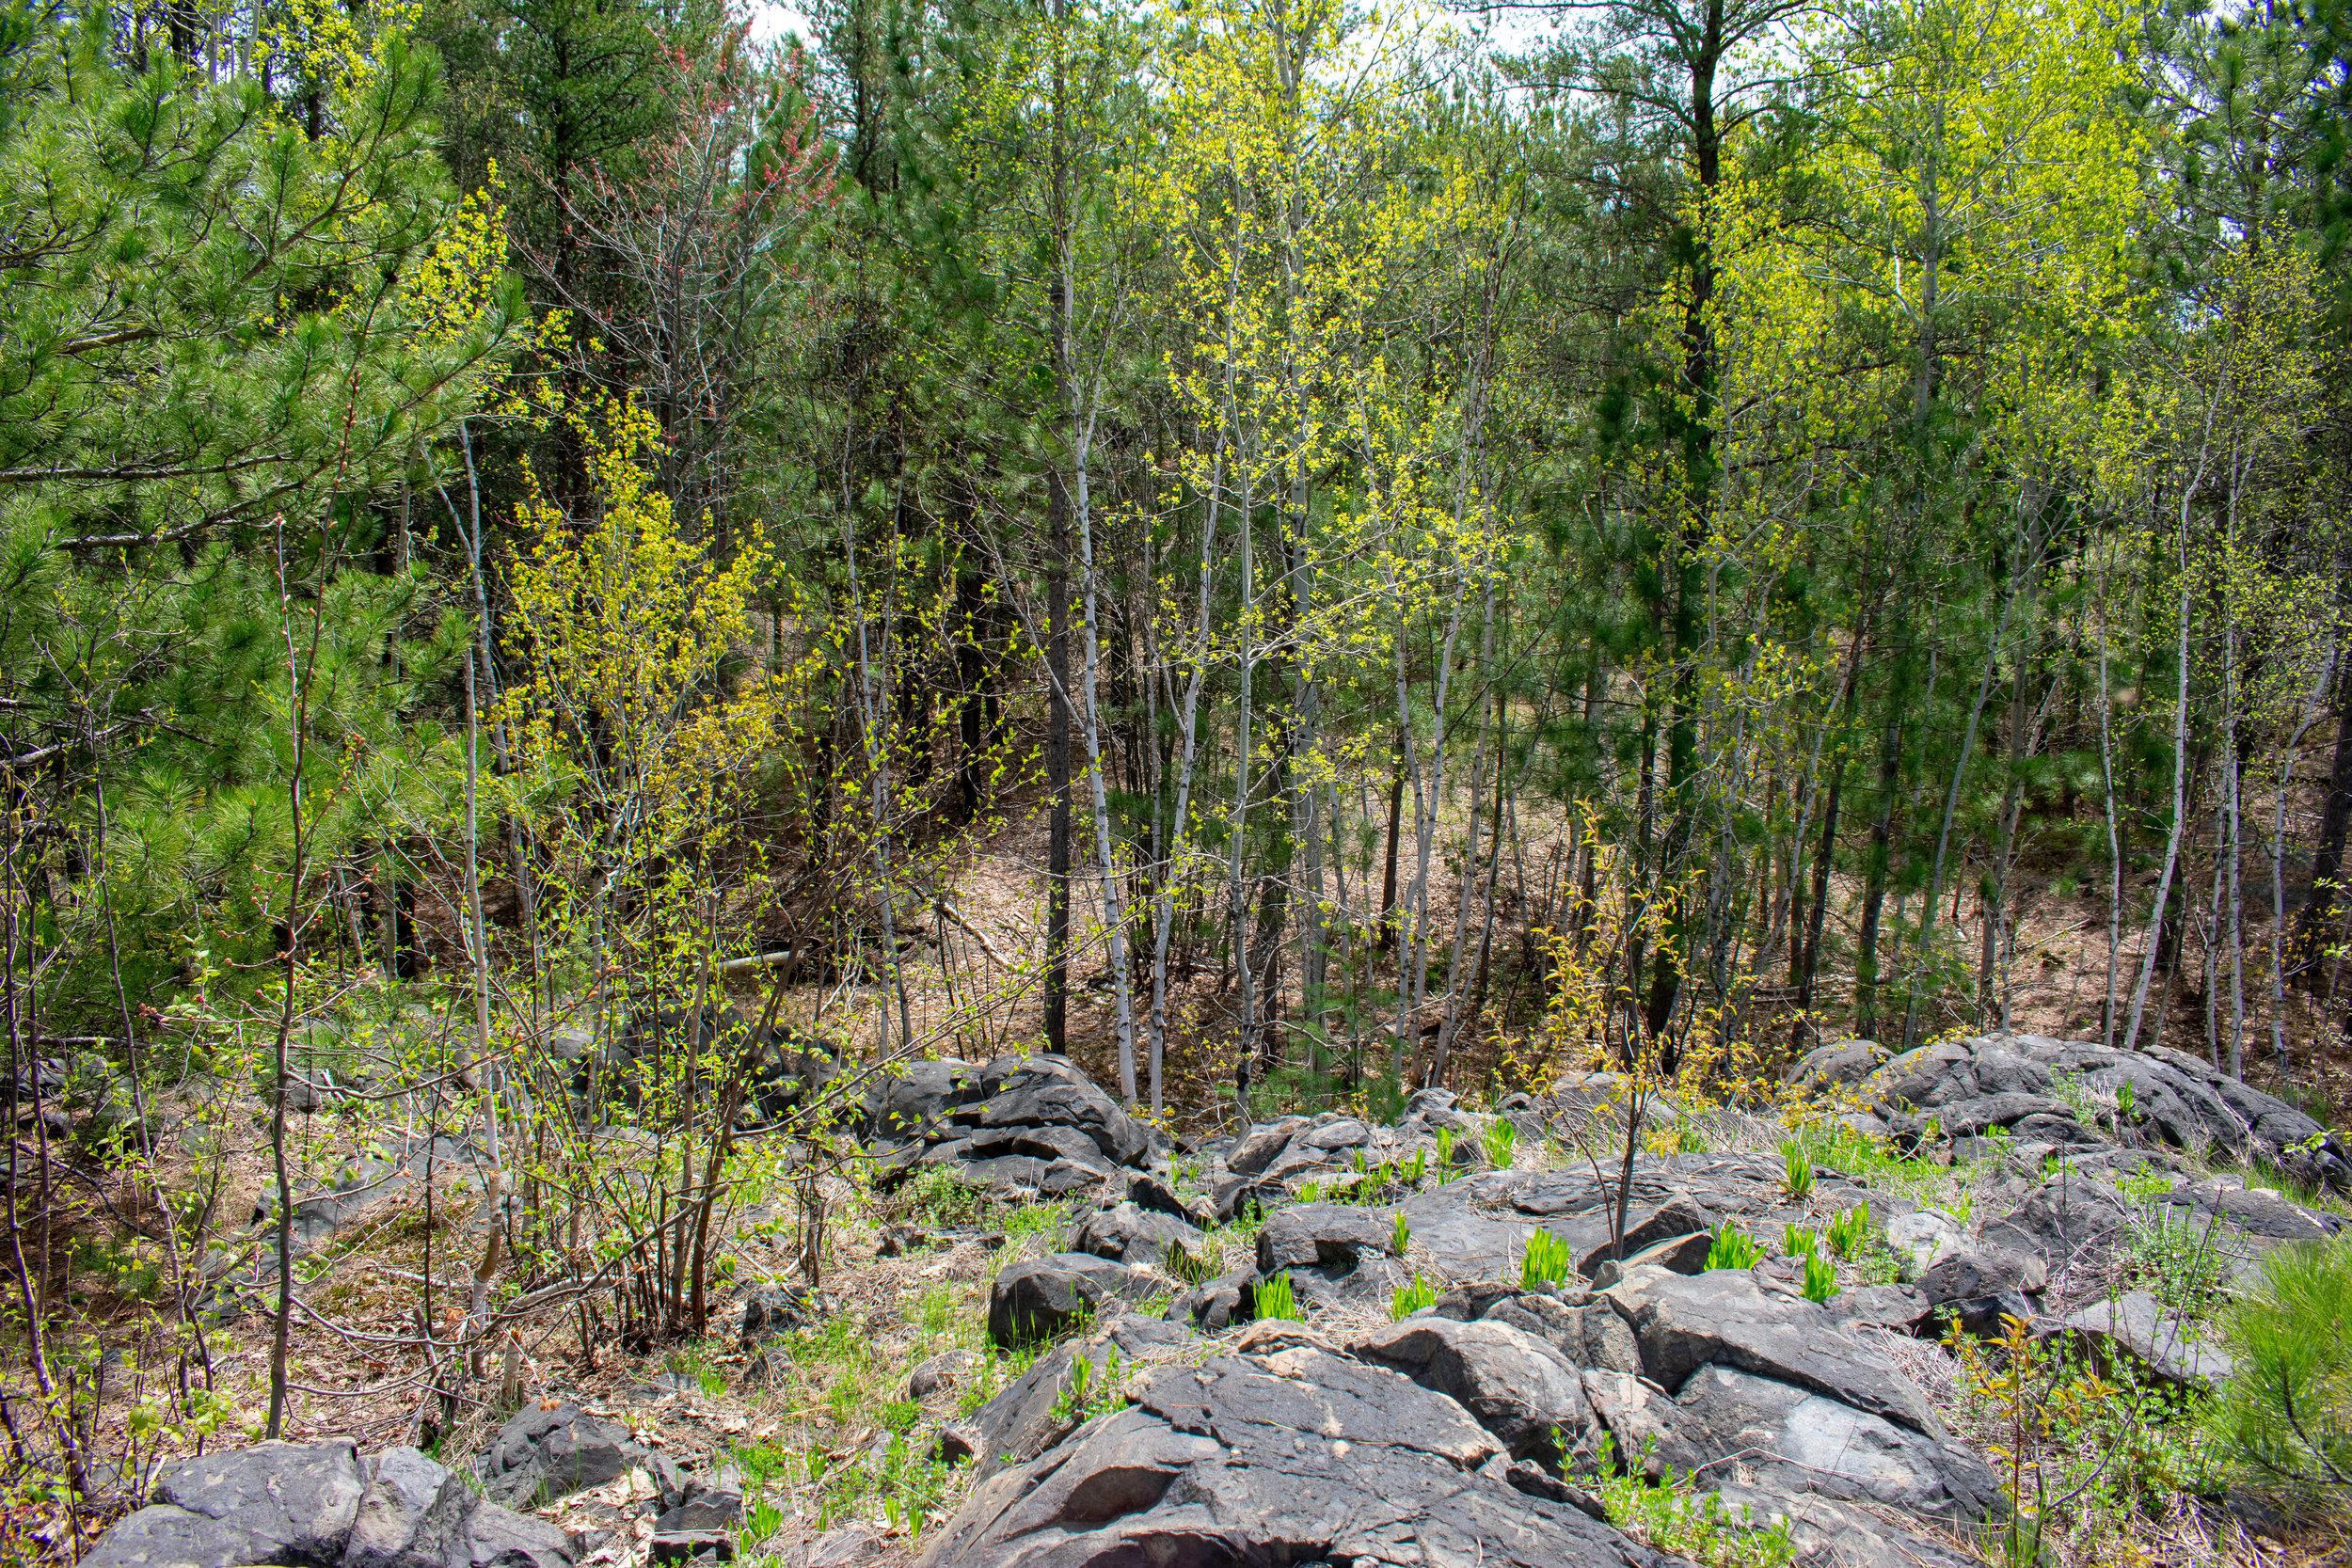 OakForest_Summer_2019_Trail_164.jpg